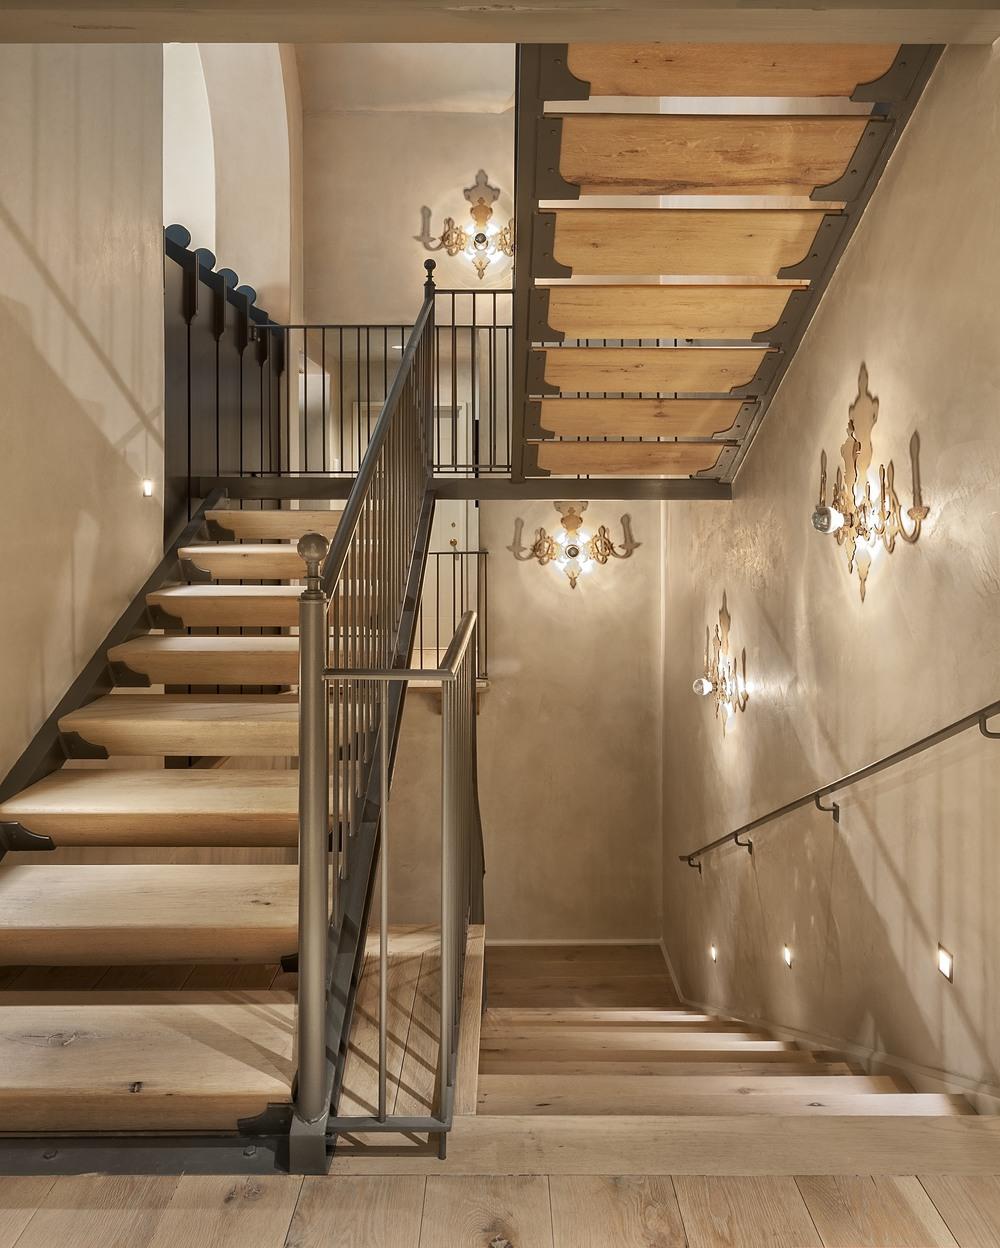 Stairway_09.jpg